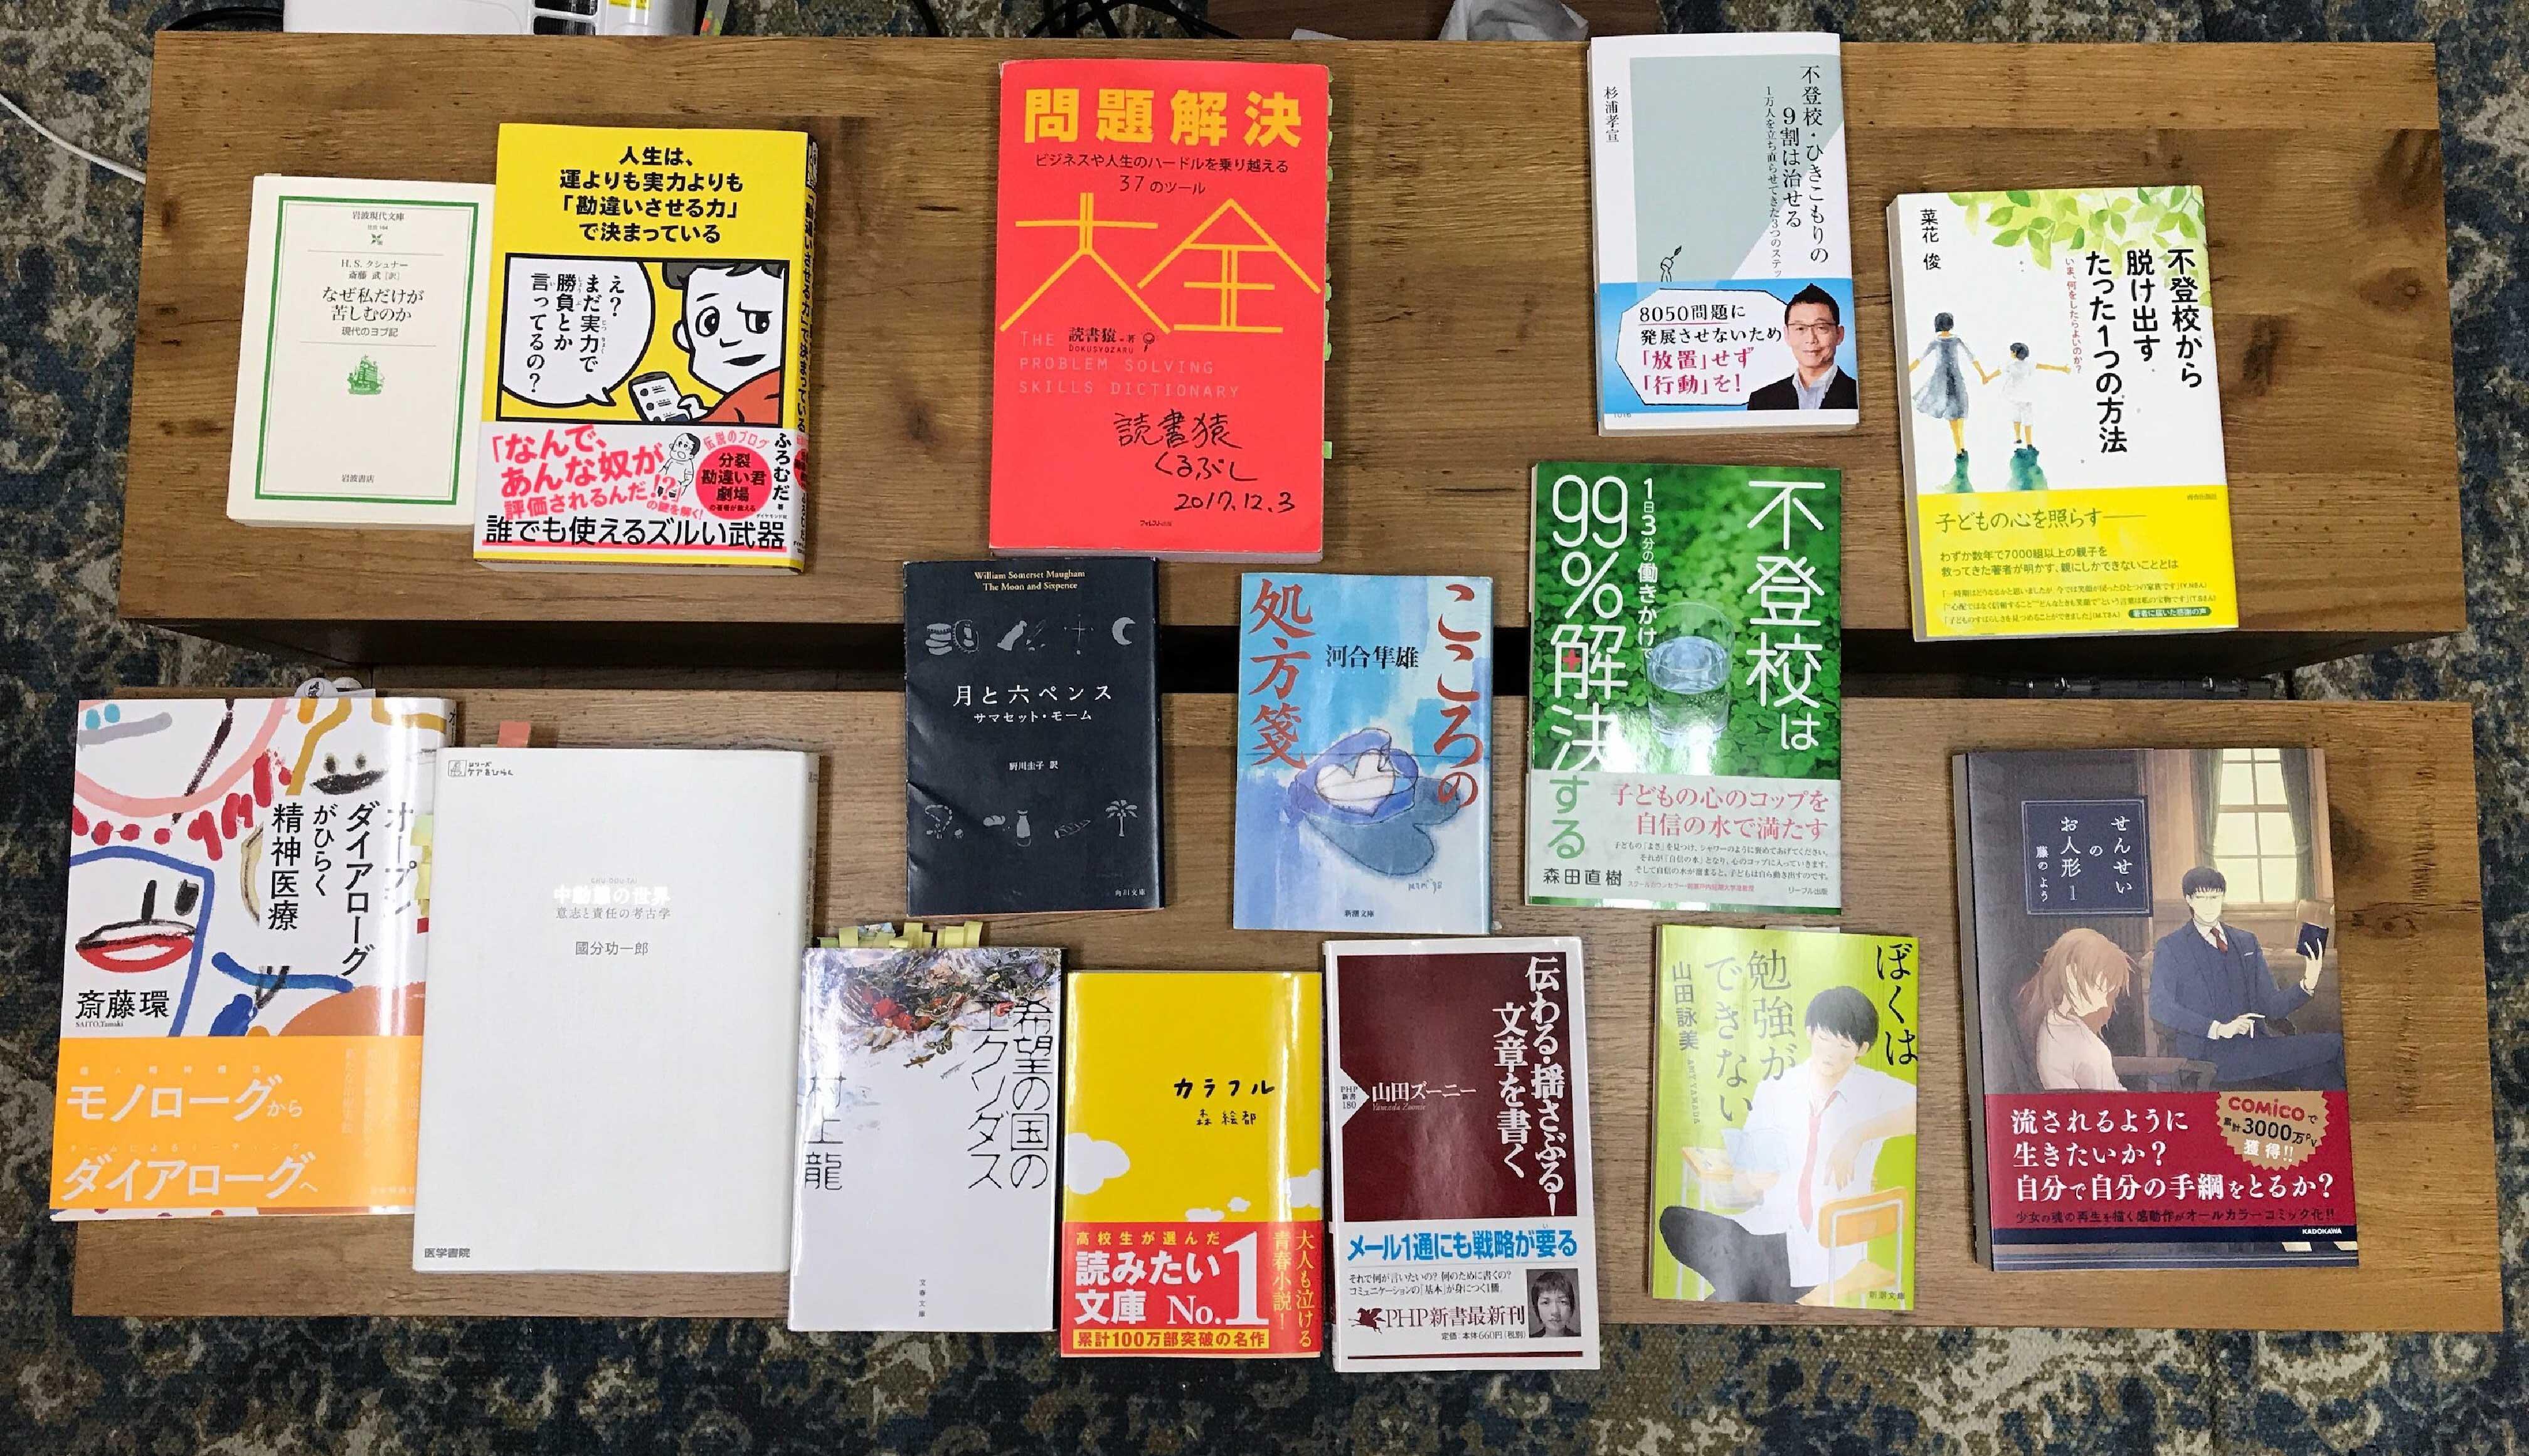 不登校×ブックカフェを開催したら、スゴ本のdainさんの書評プレゼンがすごいし集まった本もどれも面白そう